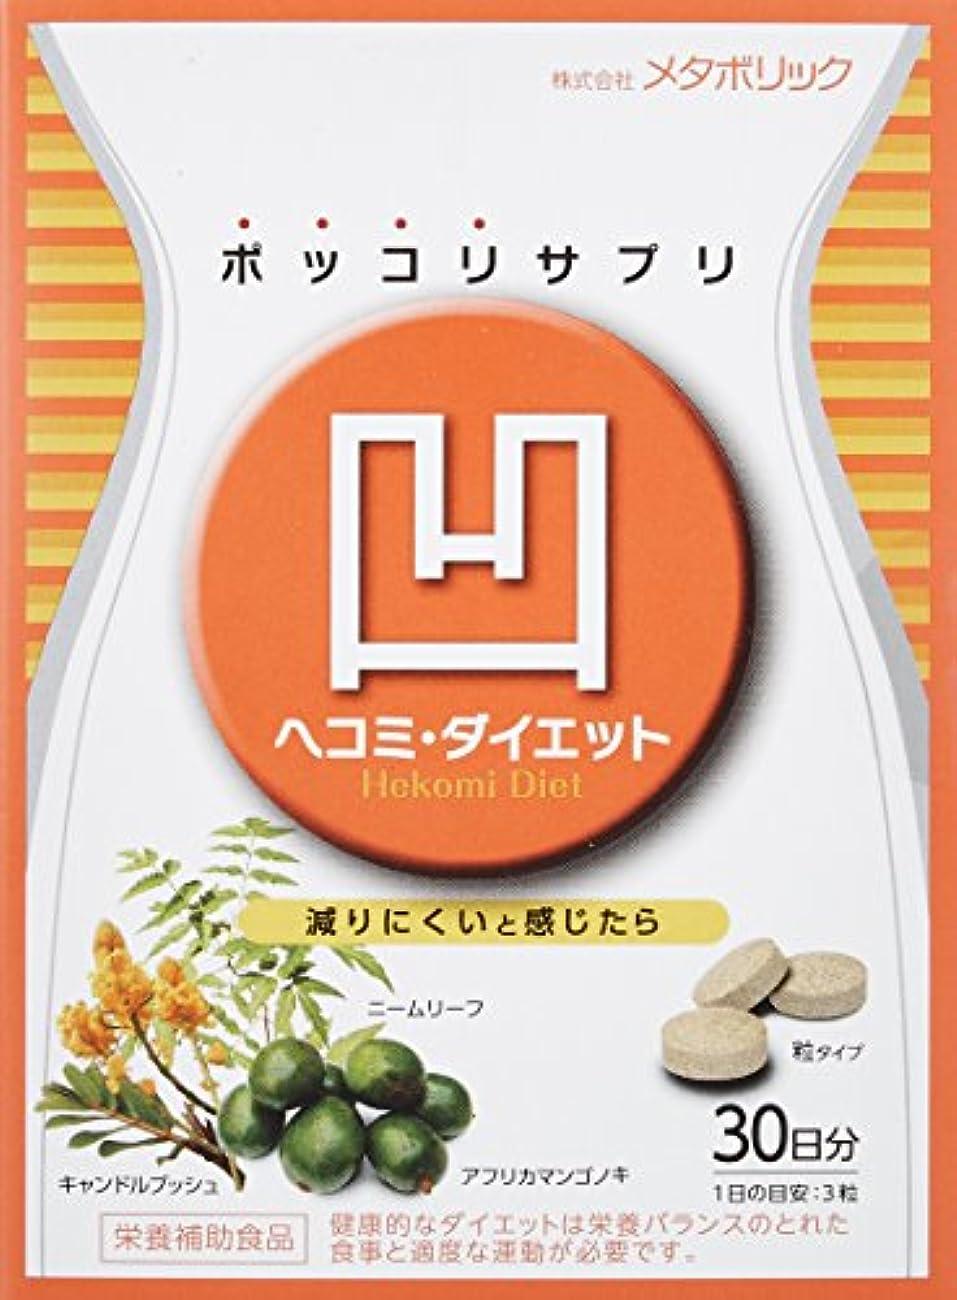 表面的な流行シガレット株式会社メタボリックヘコミ?ダイエット 3粒×30袋入 ×2箱